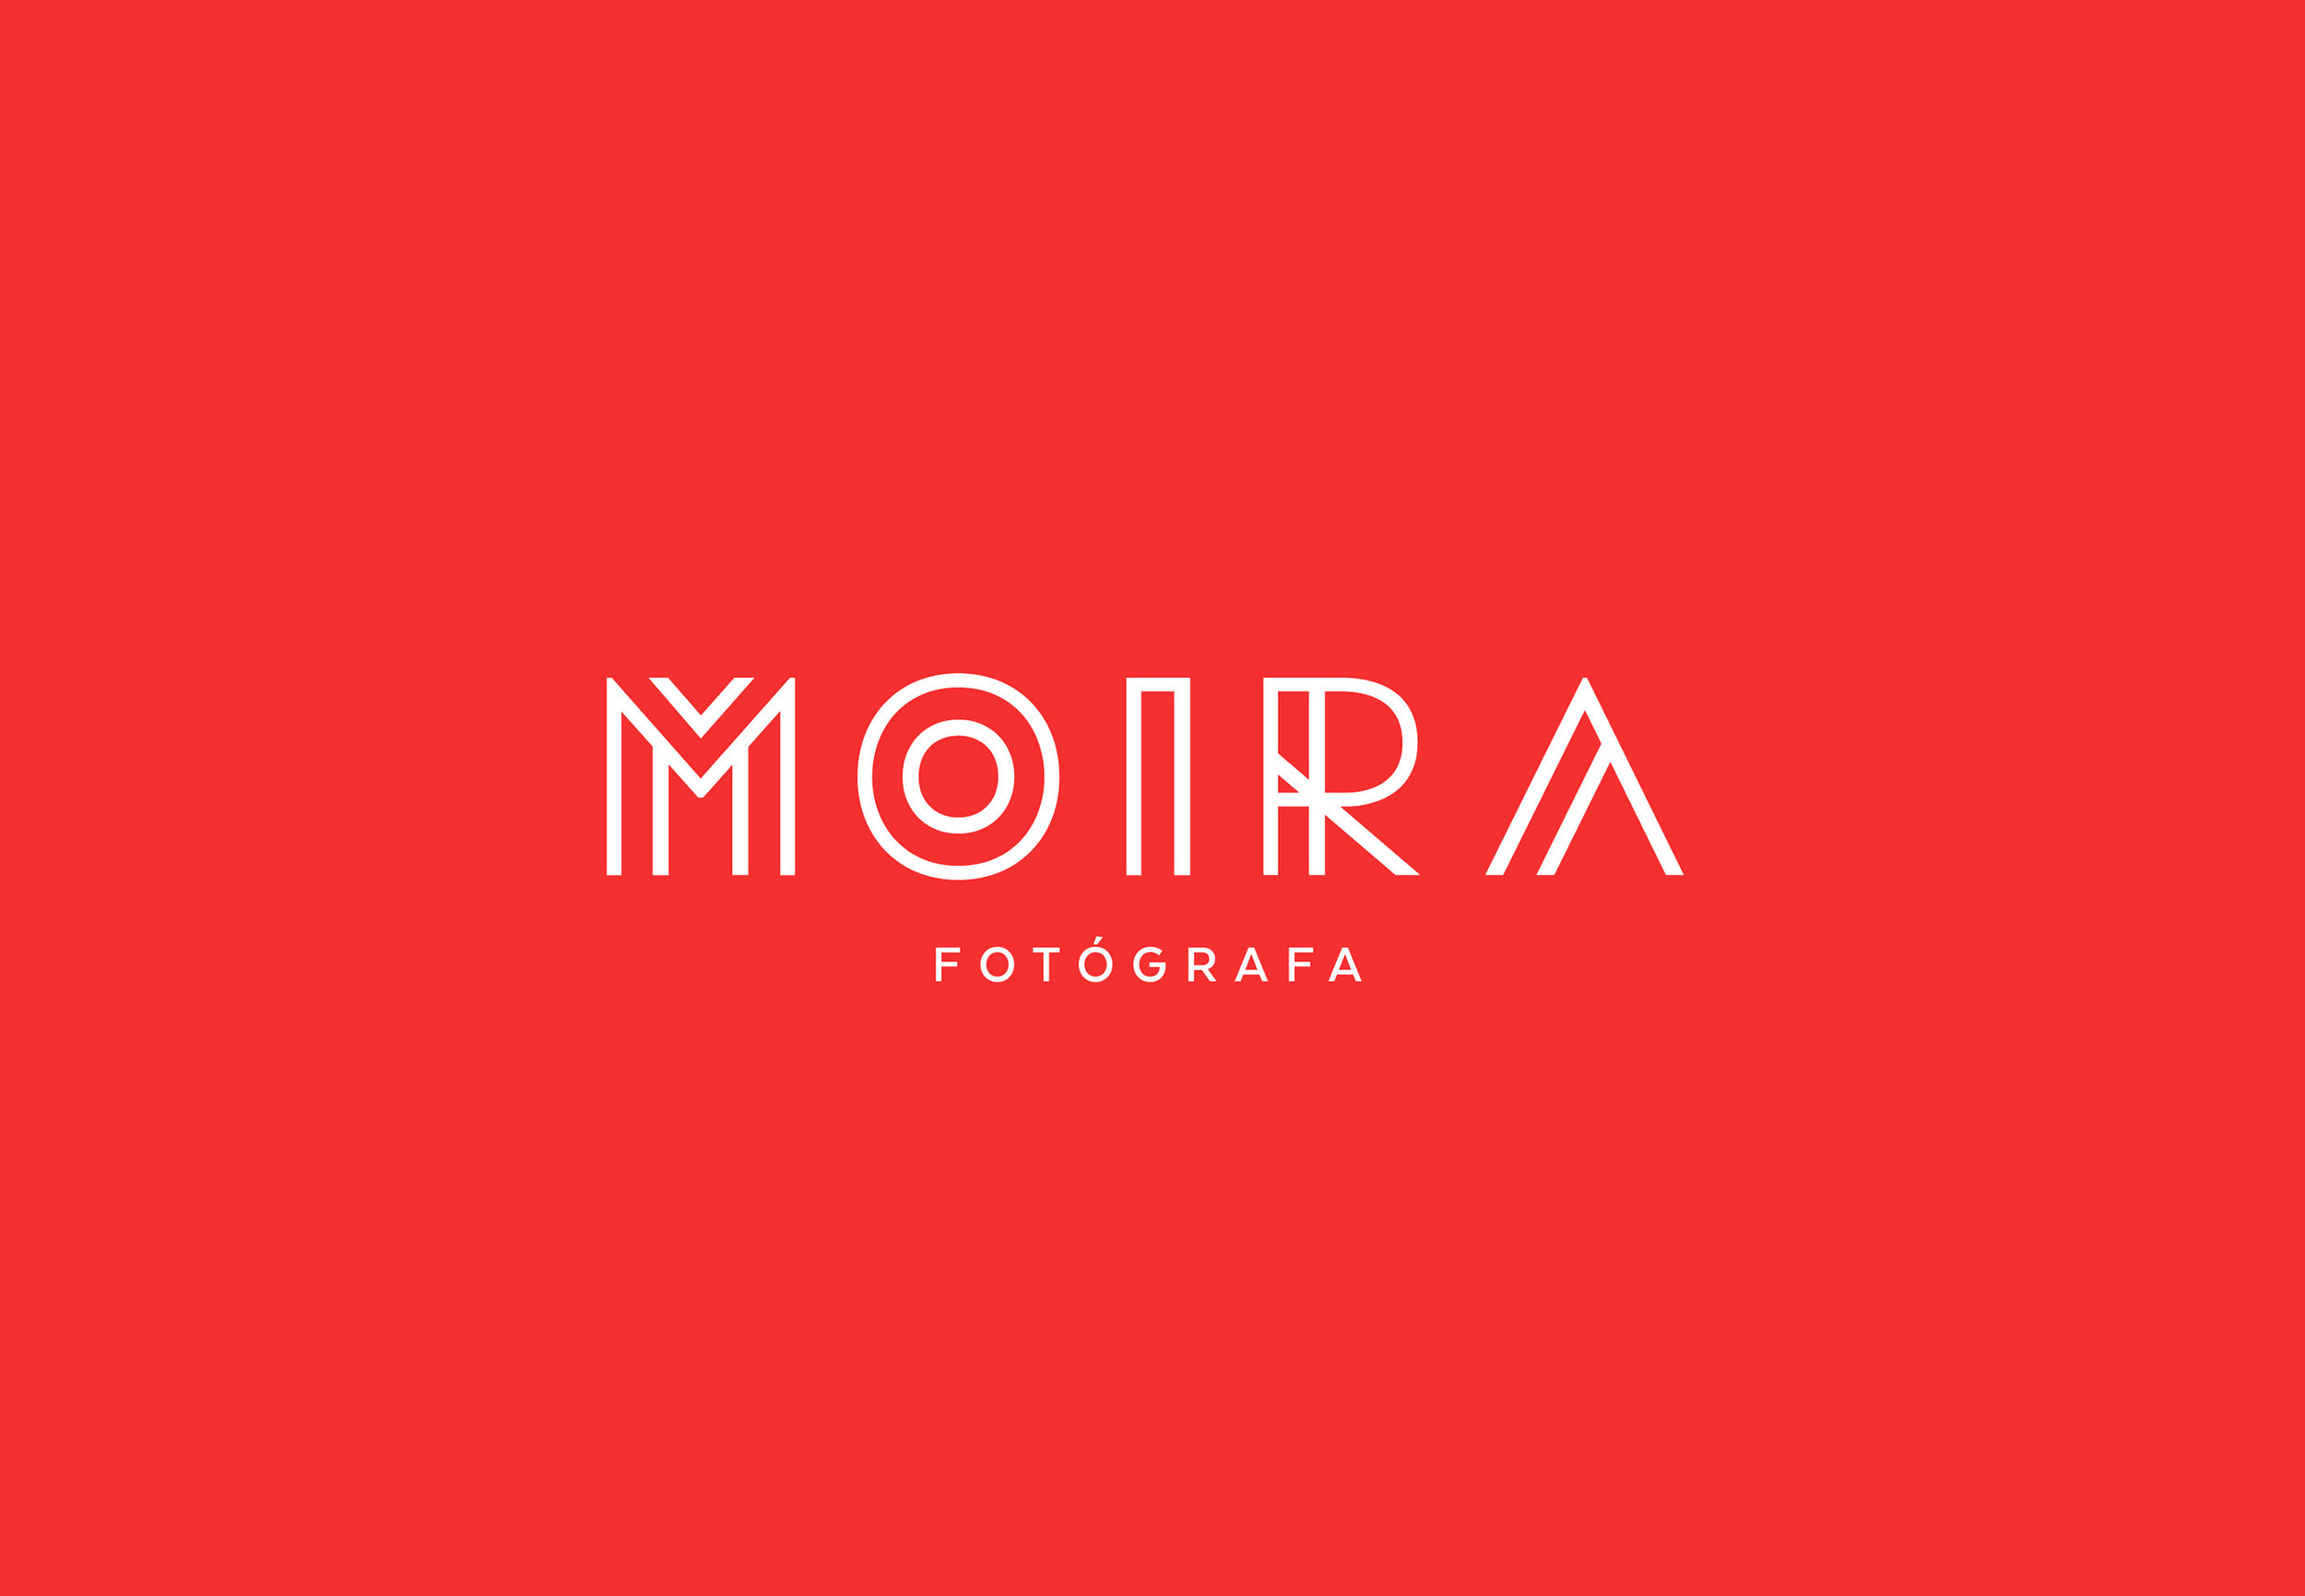 moira.jpg